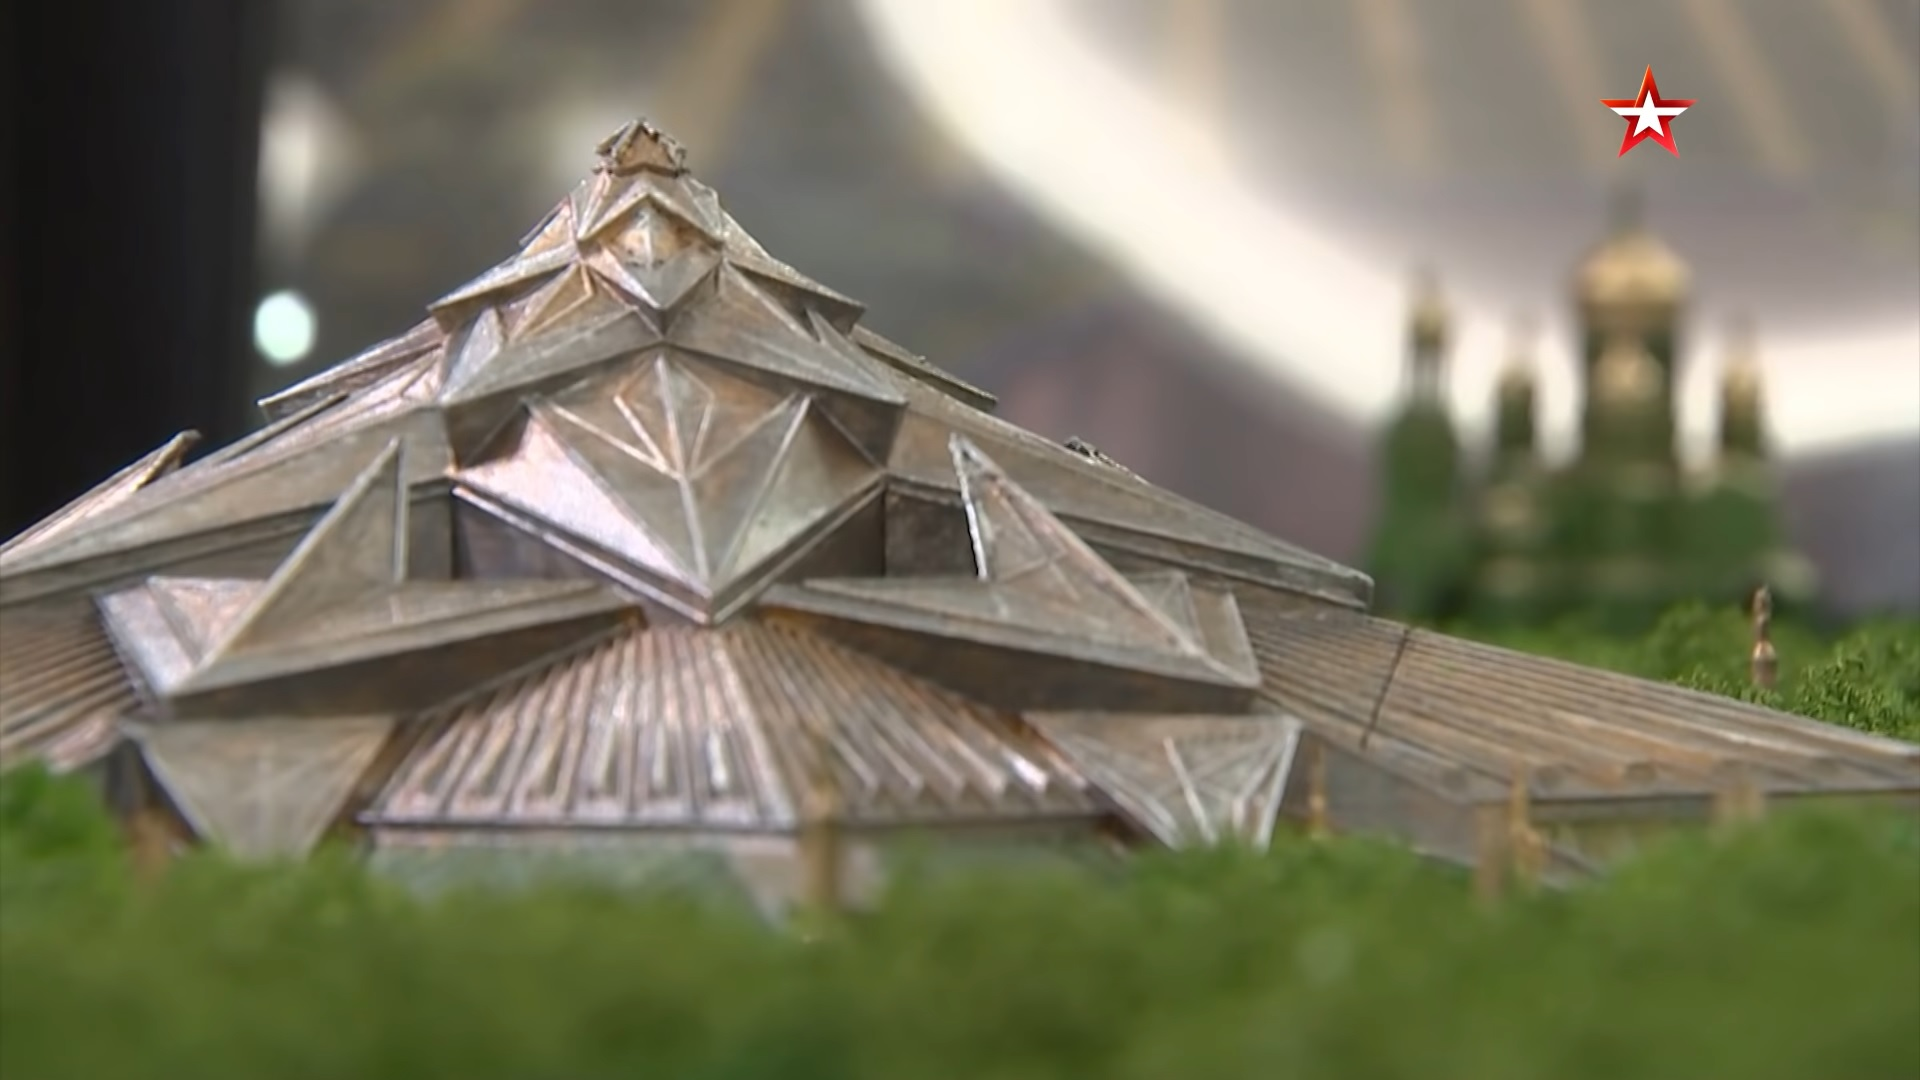 """""""Звезда одна на одной"""" появится рядом с Главным храмом ВС"""